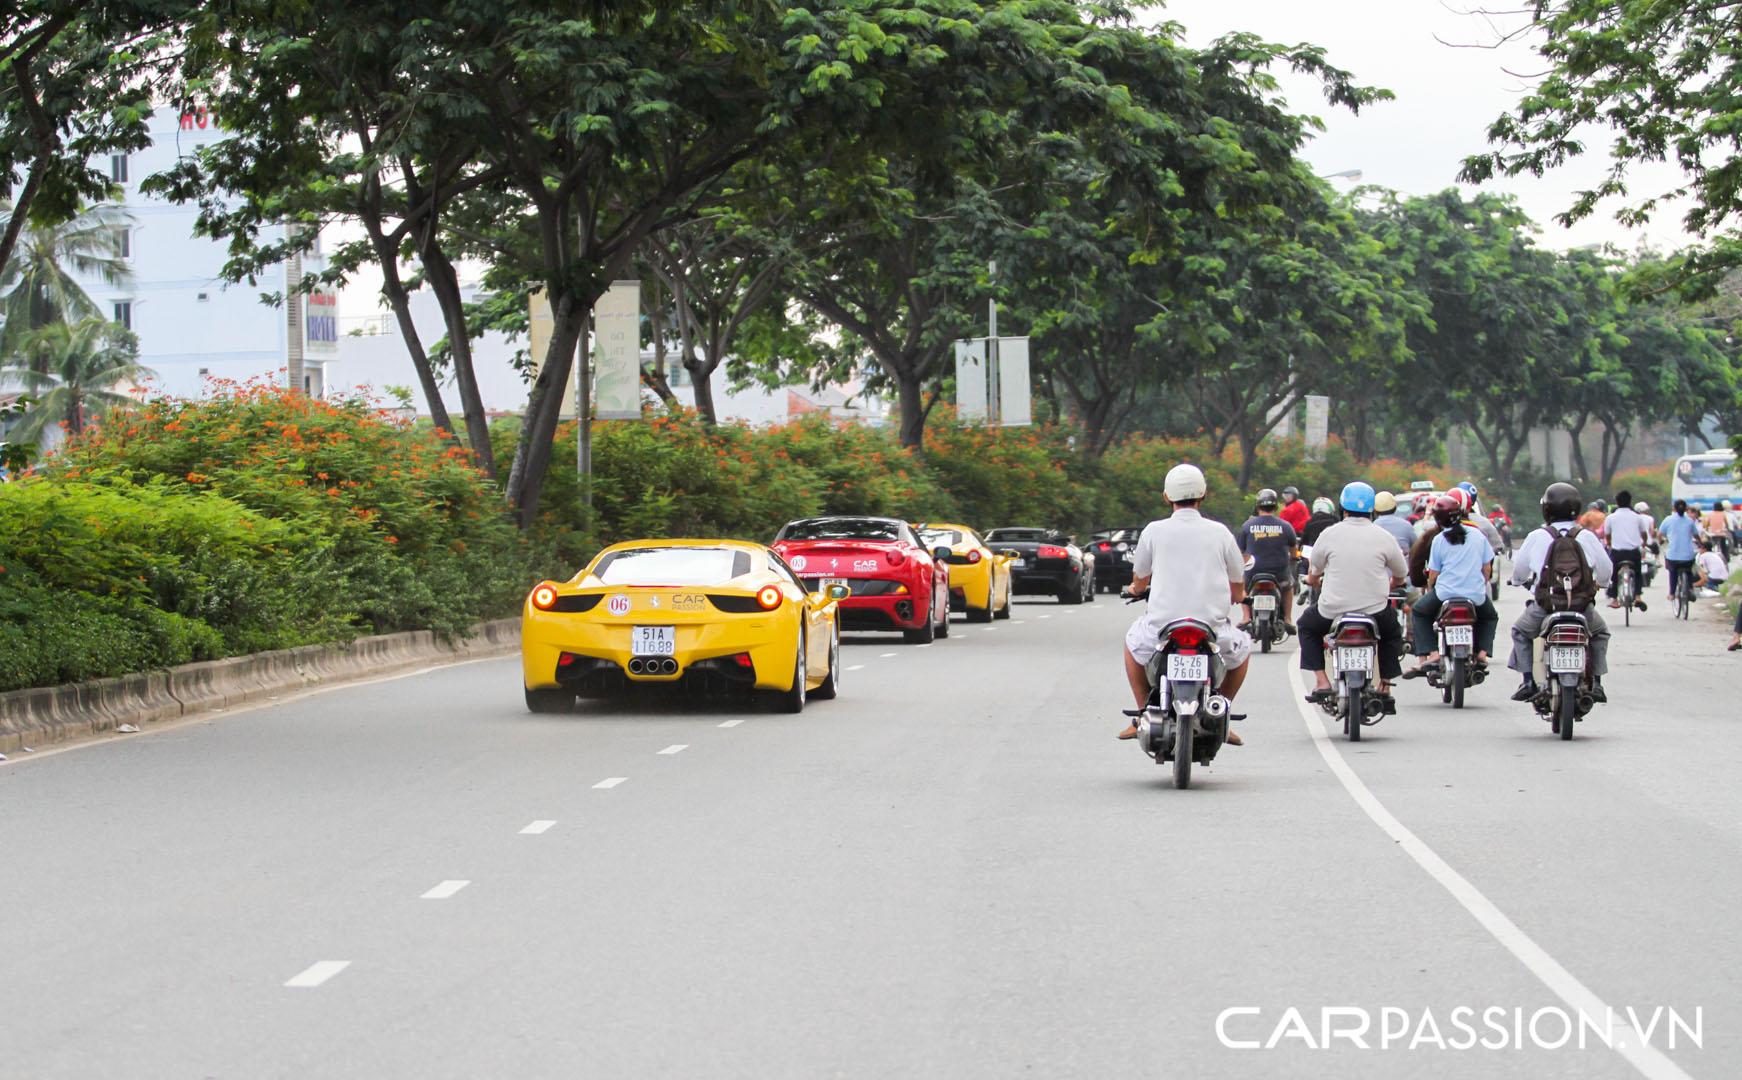 CP-Hành trình siêu xe CarPassion 2011 (22).jpg